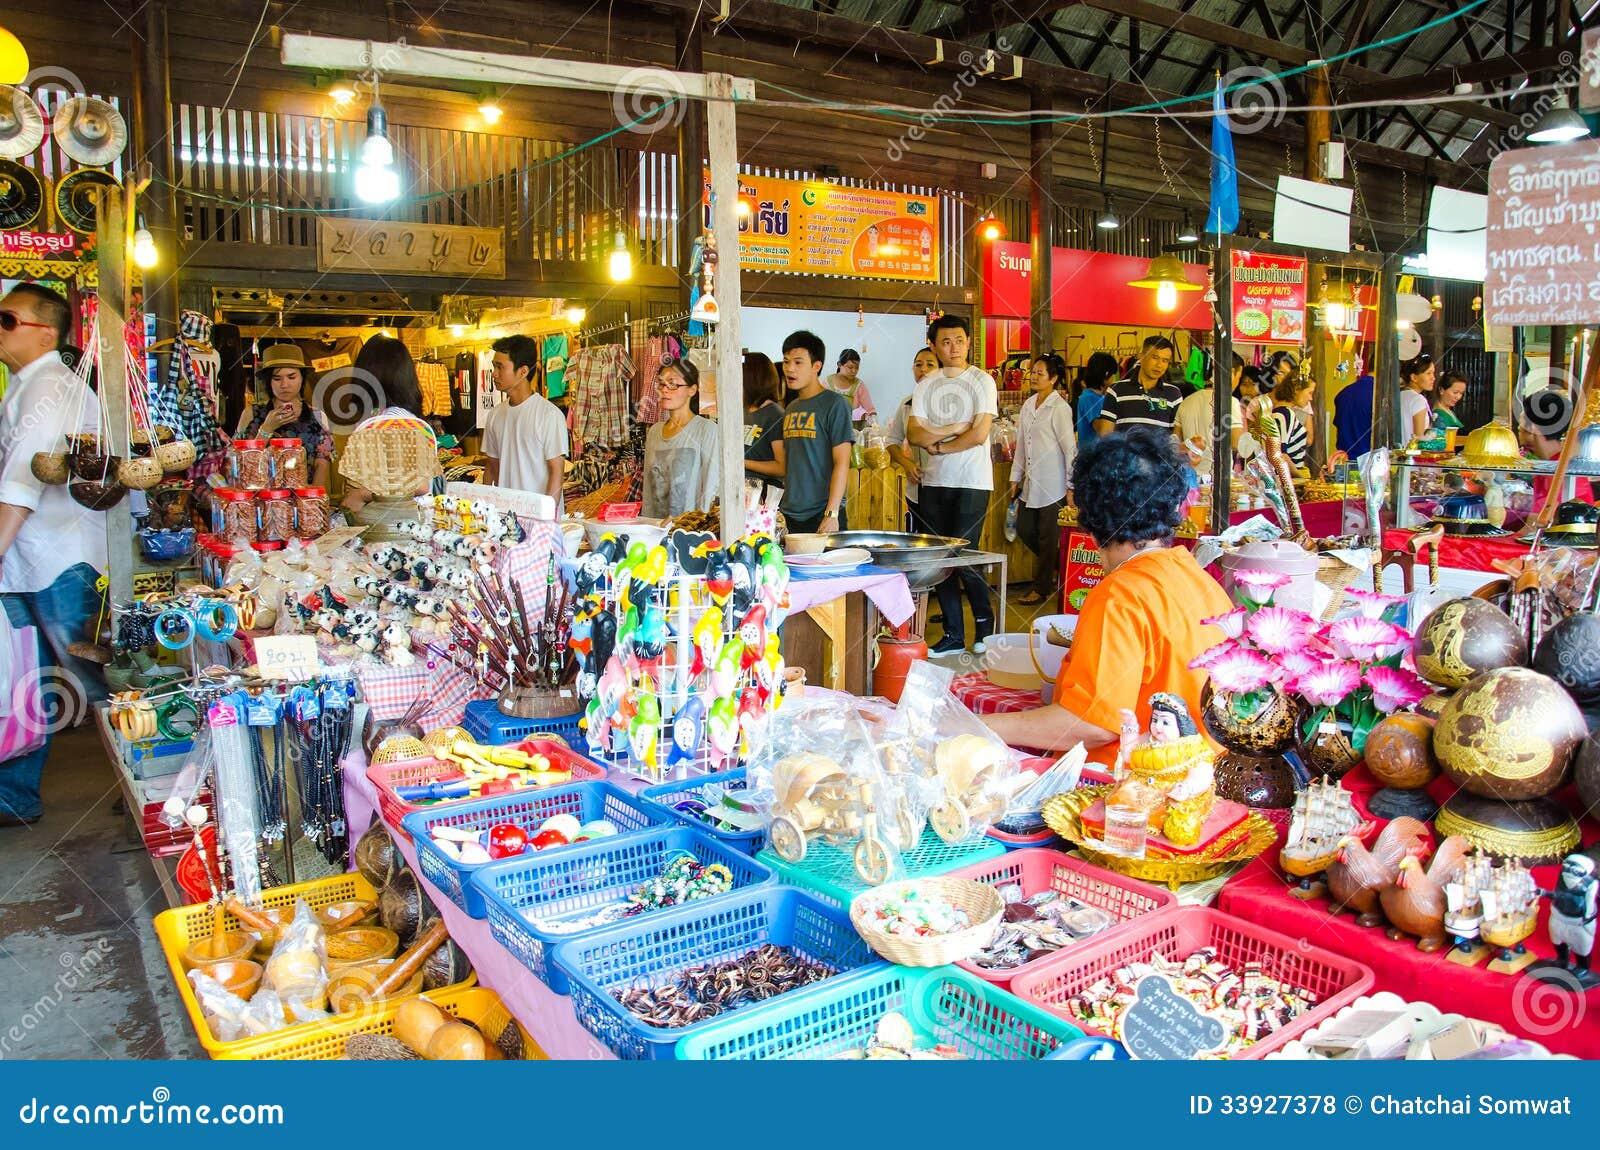 Ayothaya floating market editorial stock photo image of for Ayutthaya thai cuisine bar